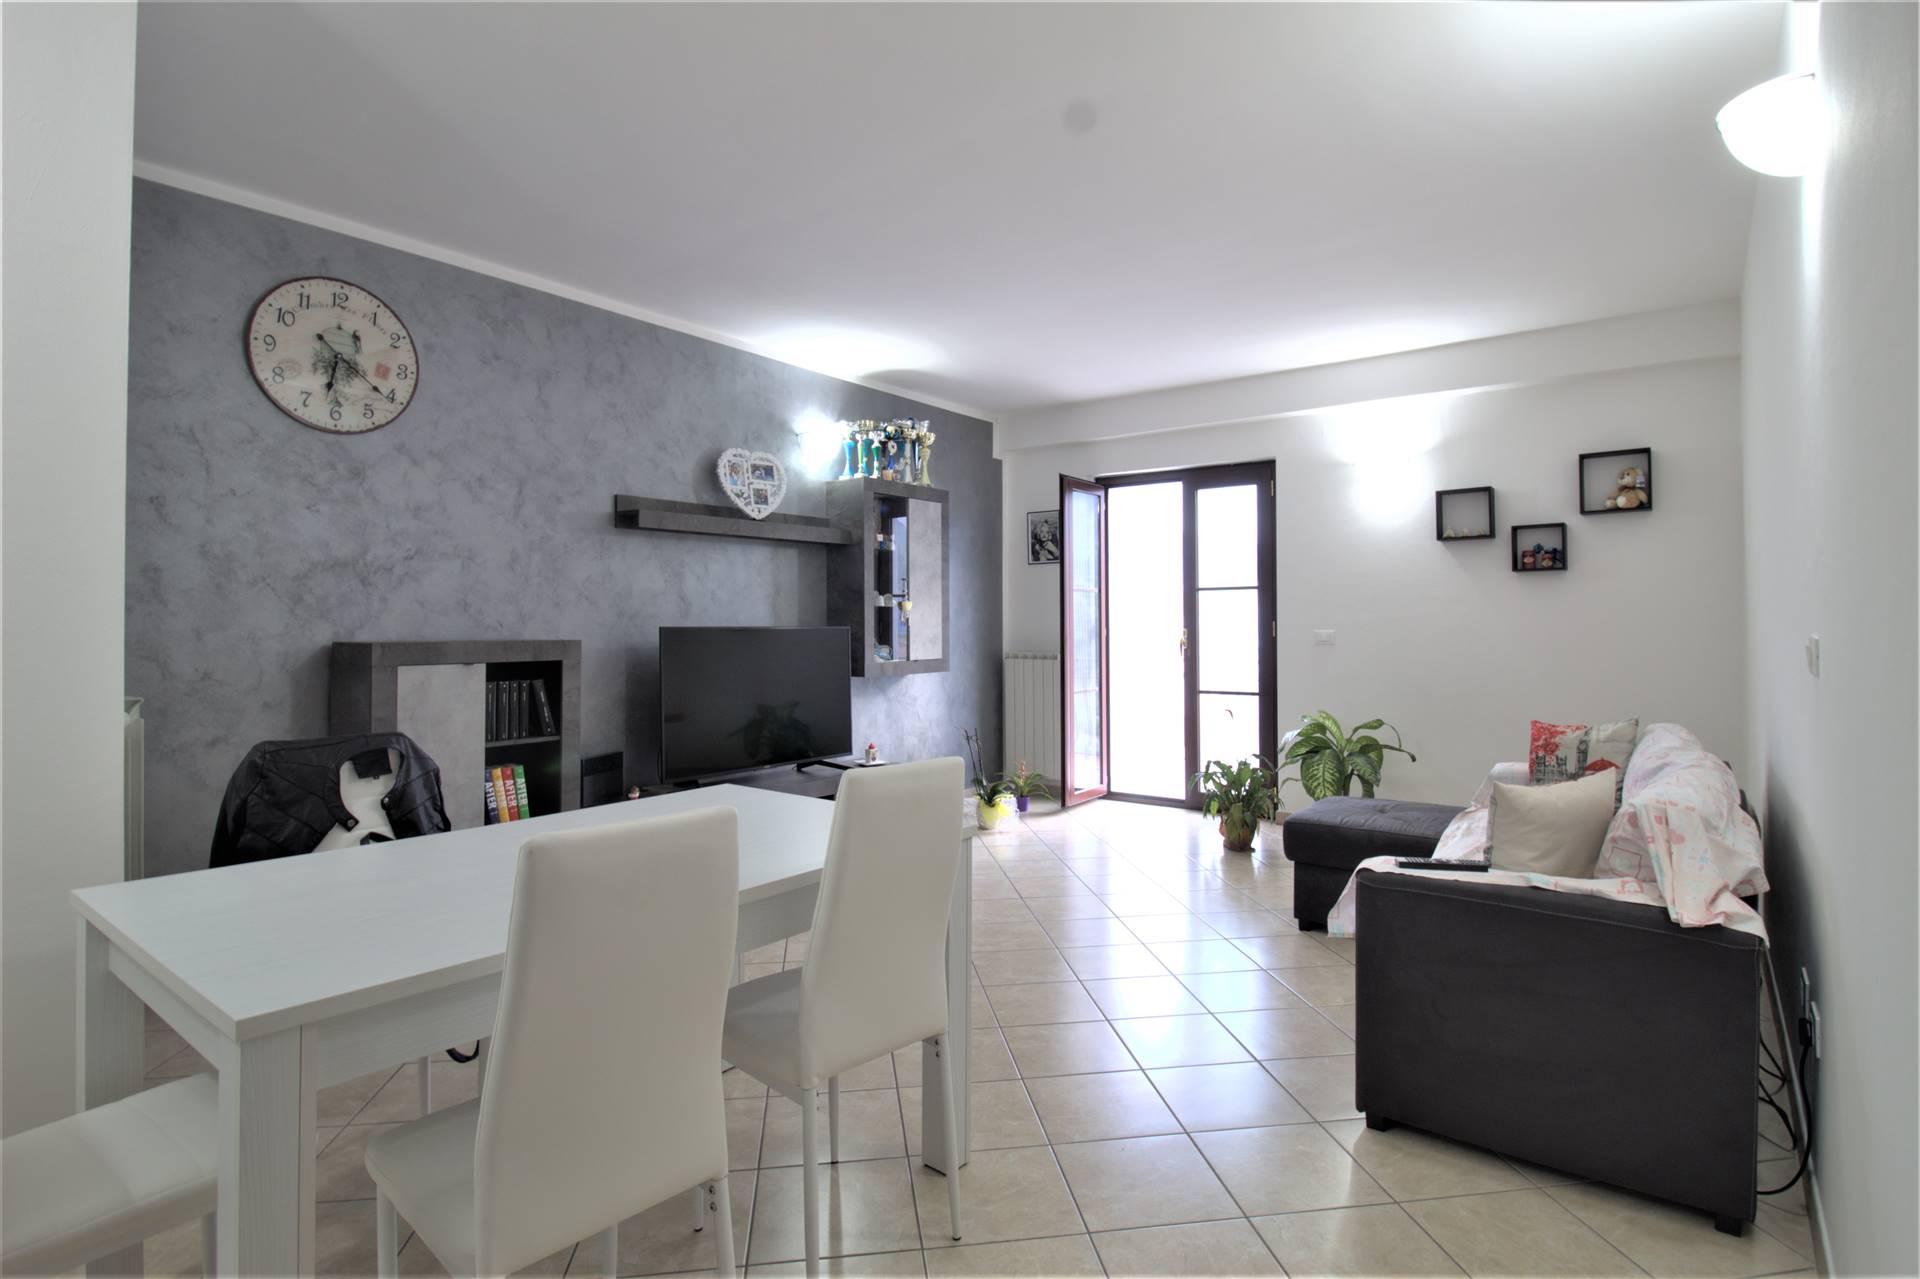 Appartamento in vendita a Licciana Nardi, 5 locali, zona Località: MASERO, prezzo € 138.000   PortaleAgenzieImmobiliari.it